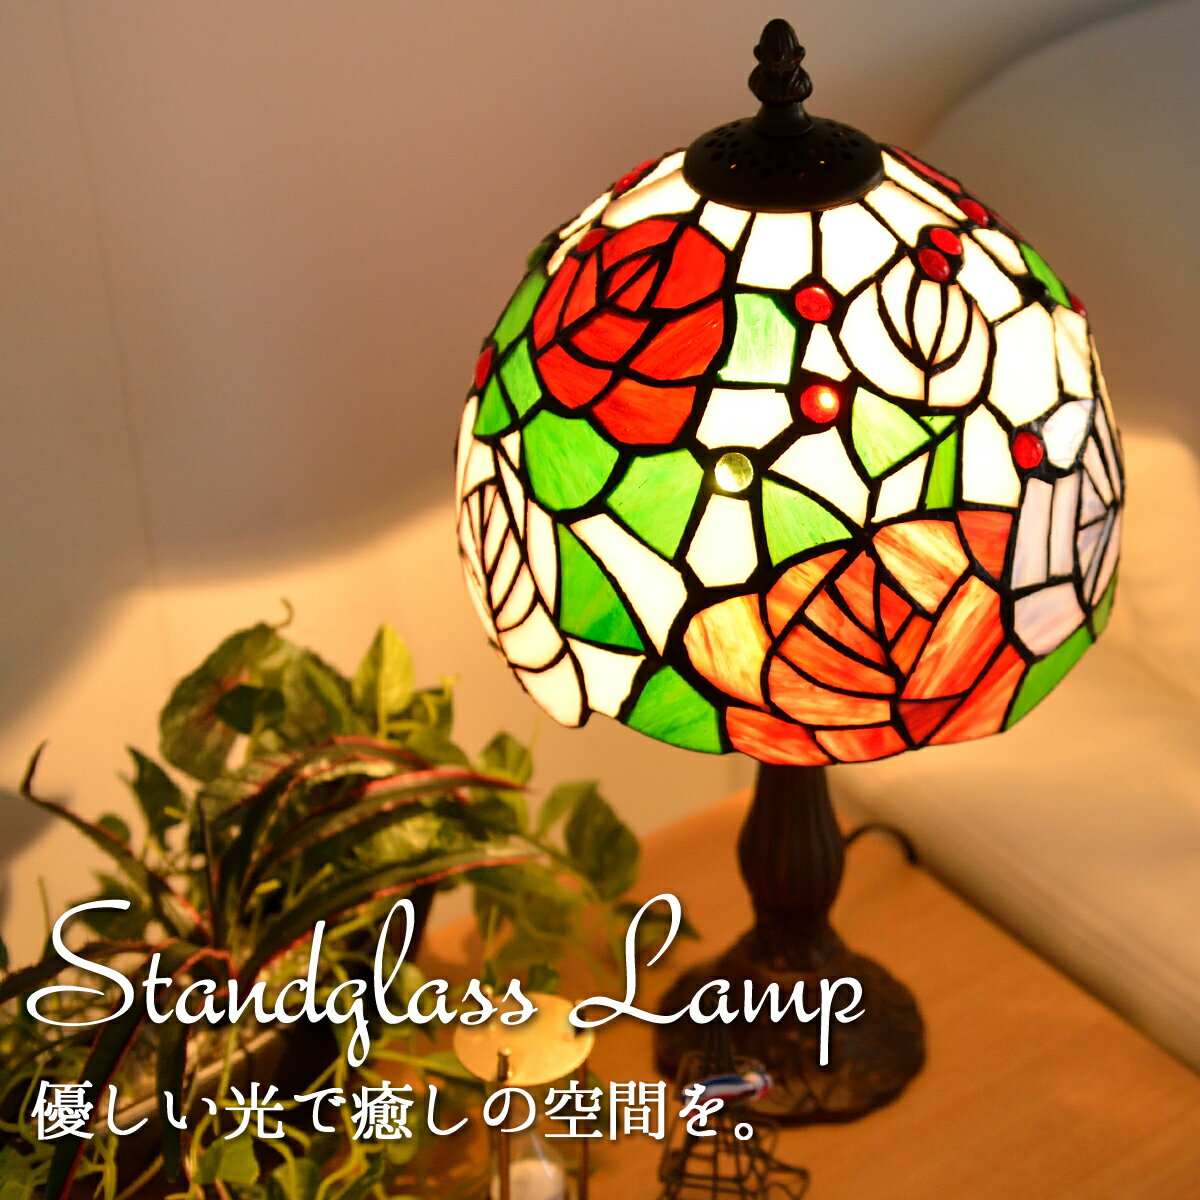 光の芸術!あたたかい光で優しく癒します 癒しのステンドランプ ローズボール ST-3903B4 お祝い事やイベント・プレゼントにも最適 ステンドライト ステンドグラスランプ【tk】(K-0403202)